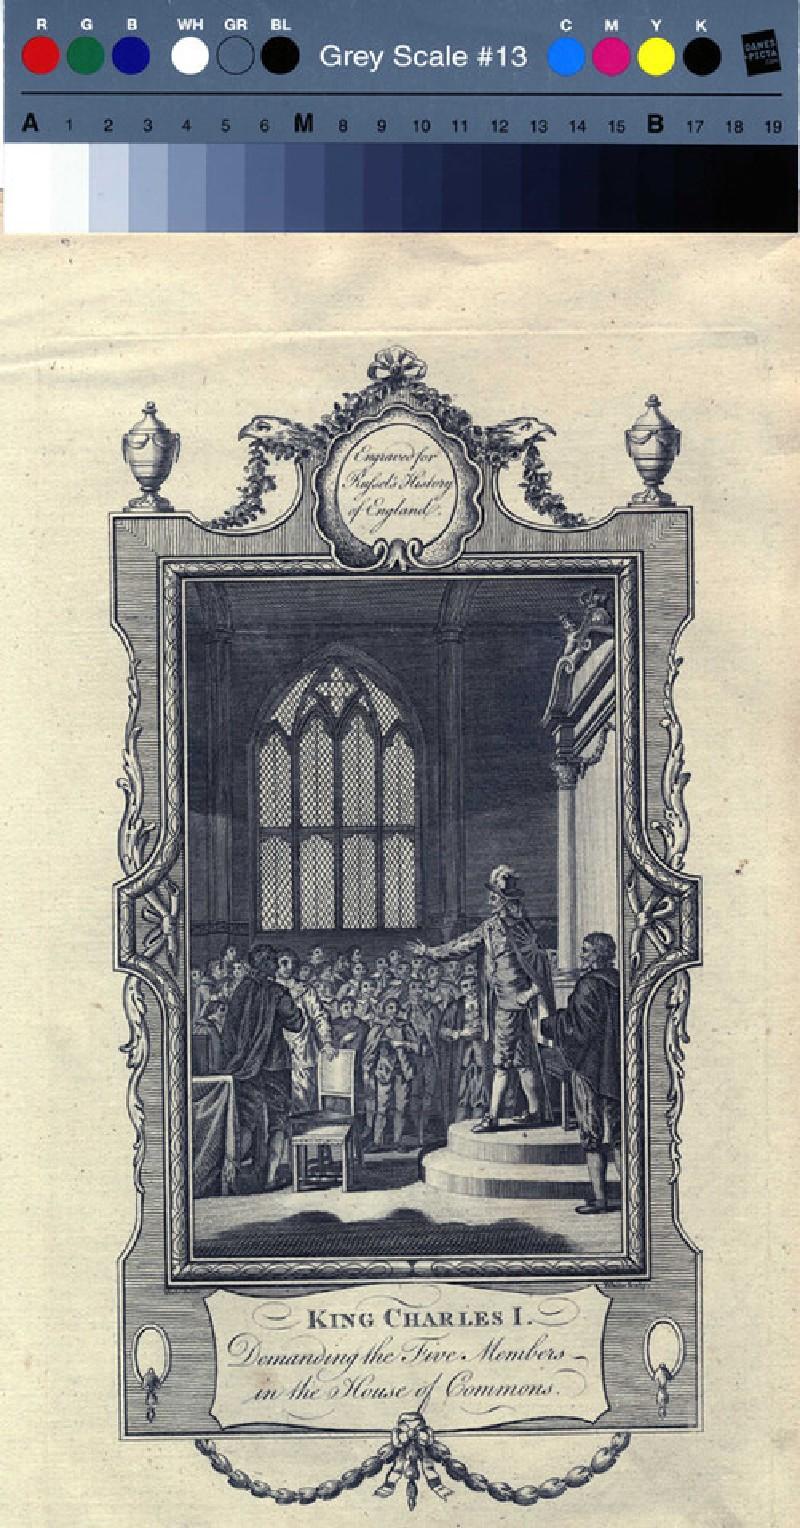 Charles I (WAHP11588, record shot)